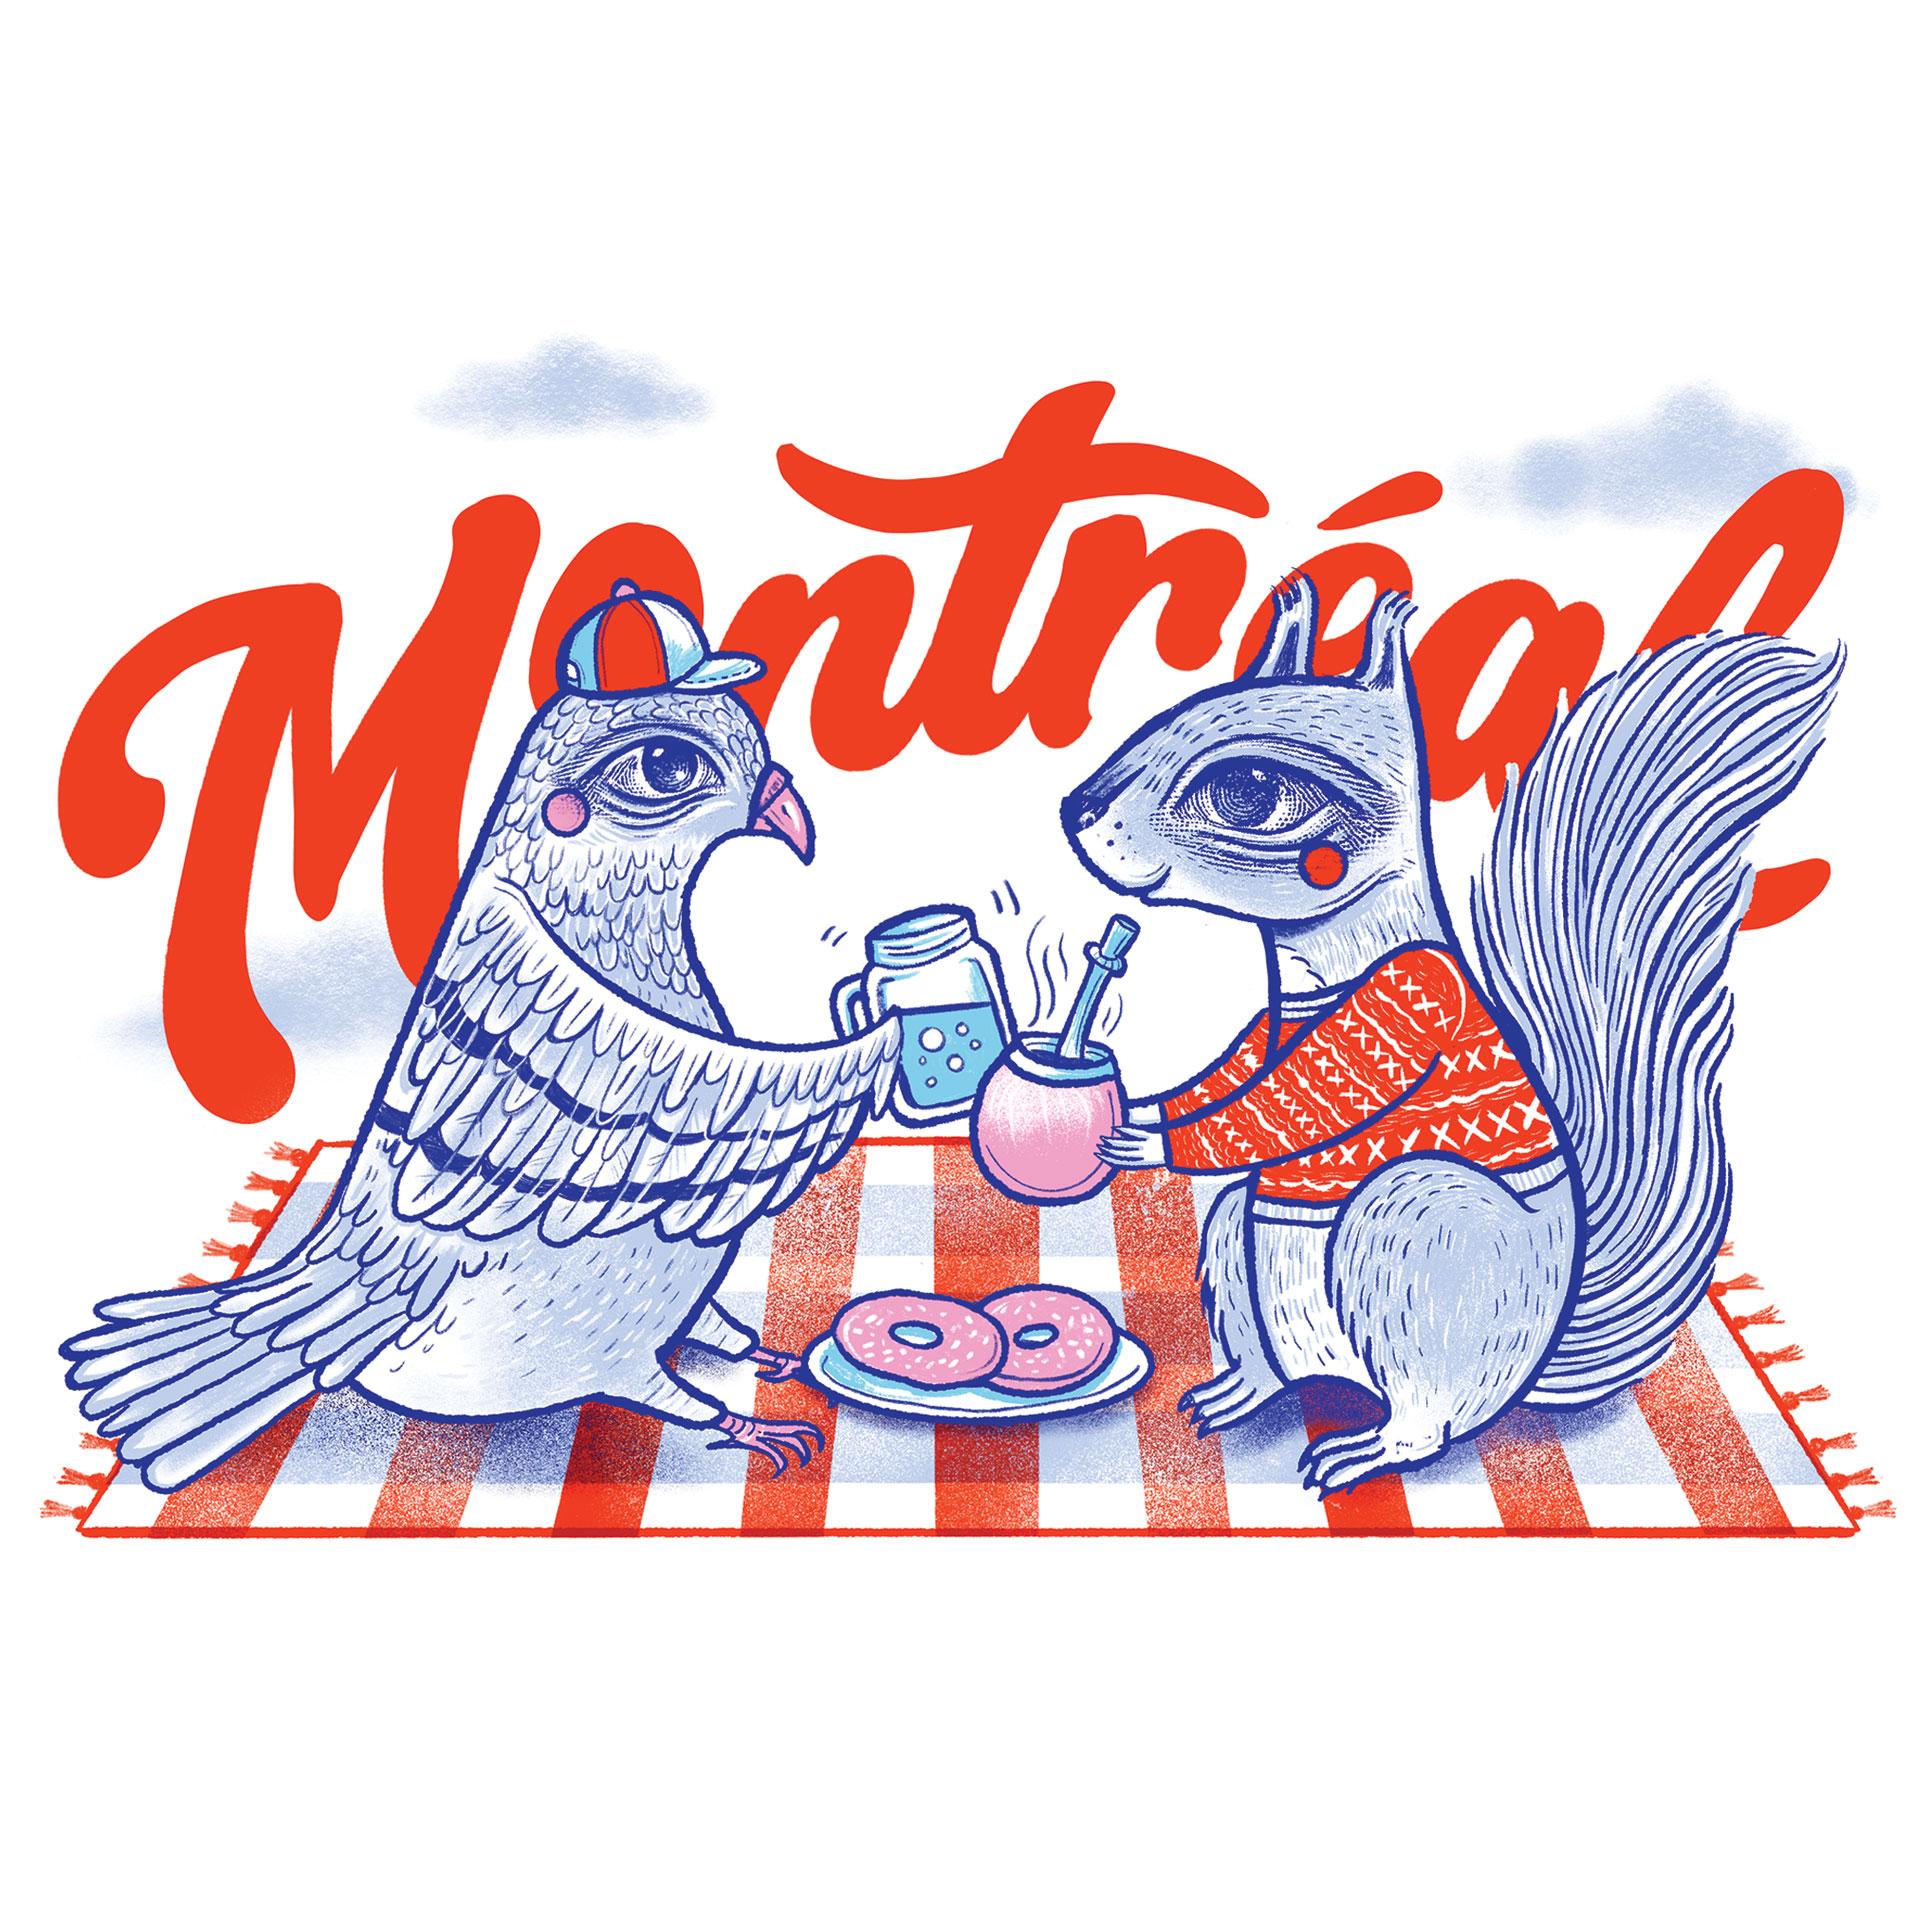 Carte postale pour Montréal en couleurs